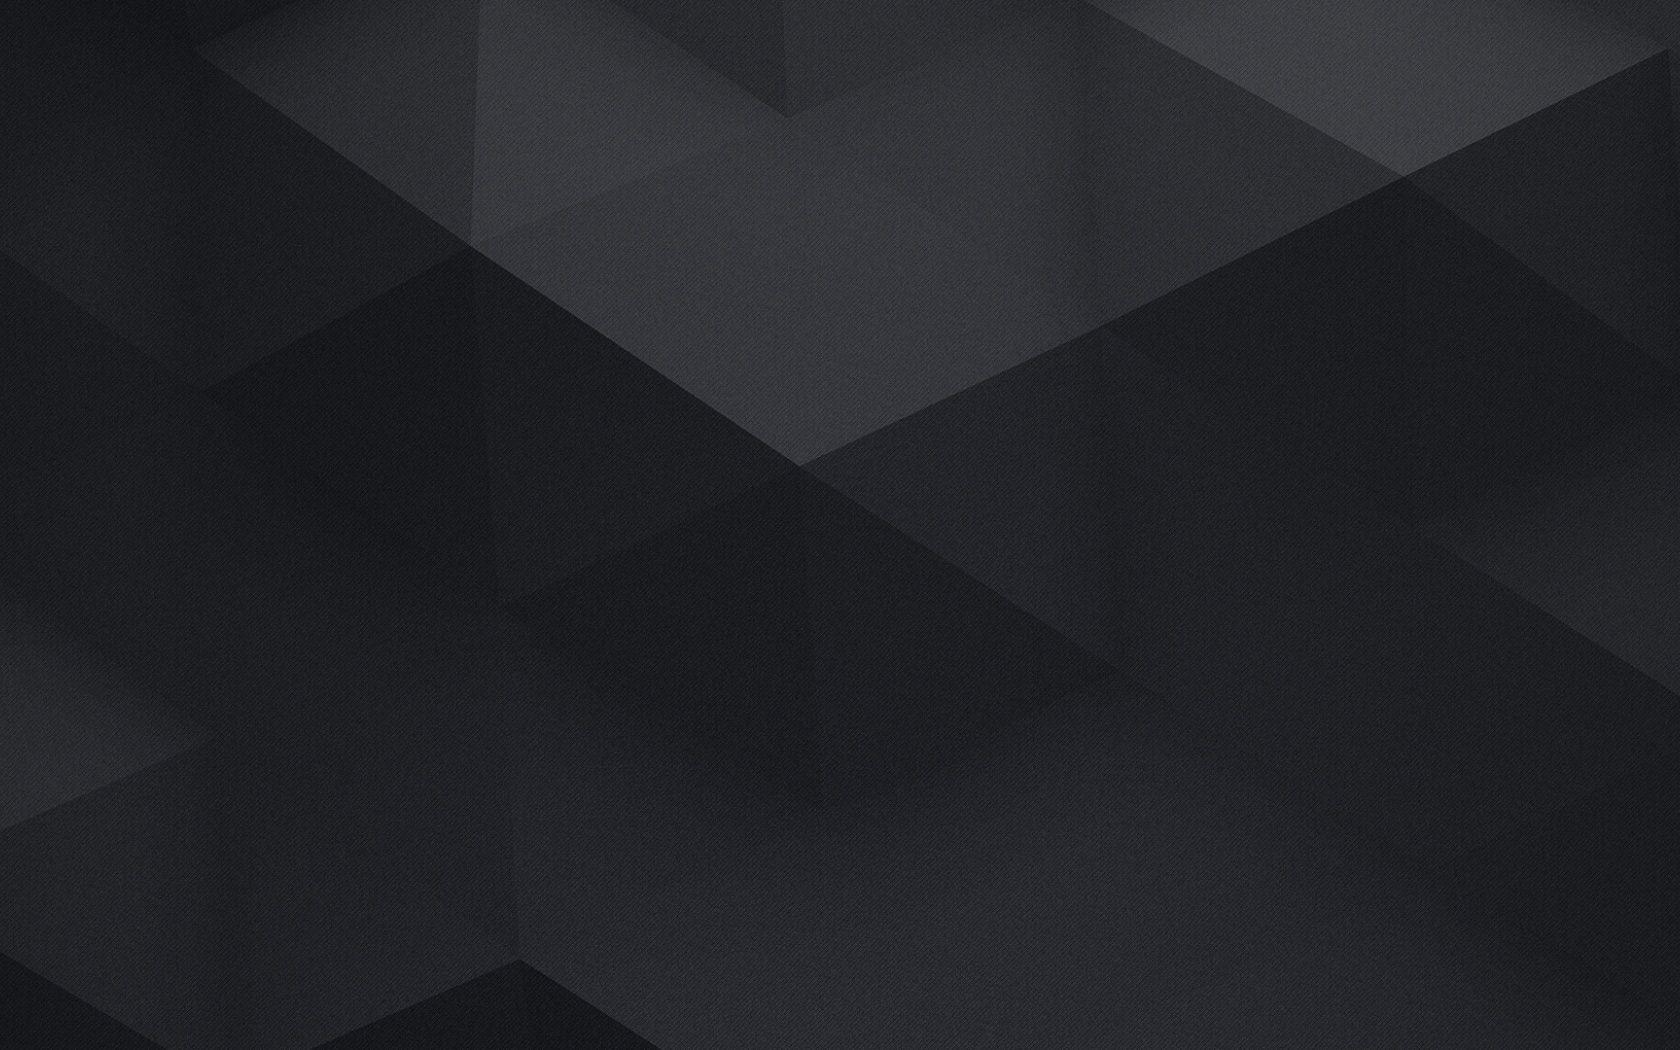 1680x1050 Black Minimalistic Geometry Wallpapers